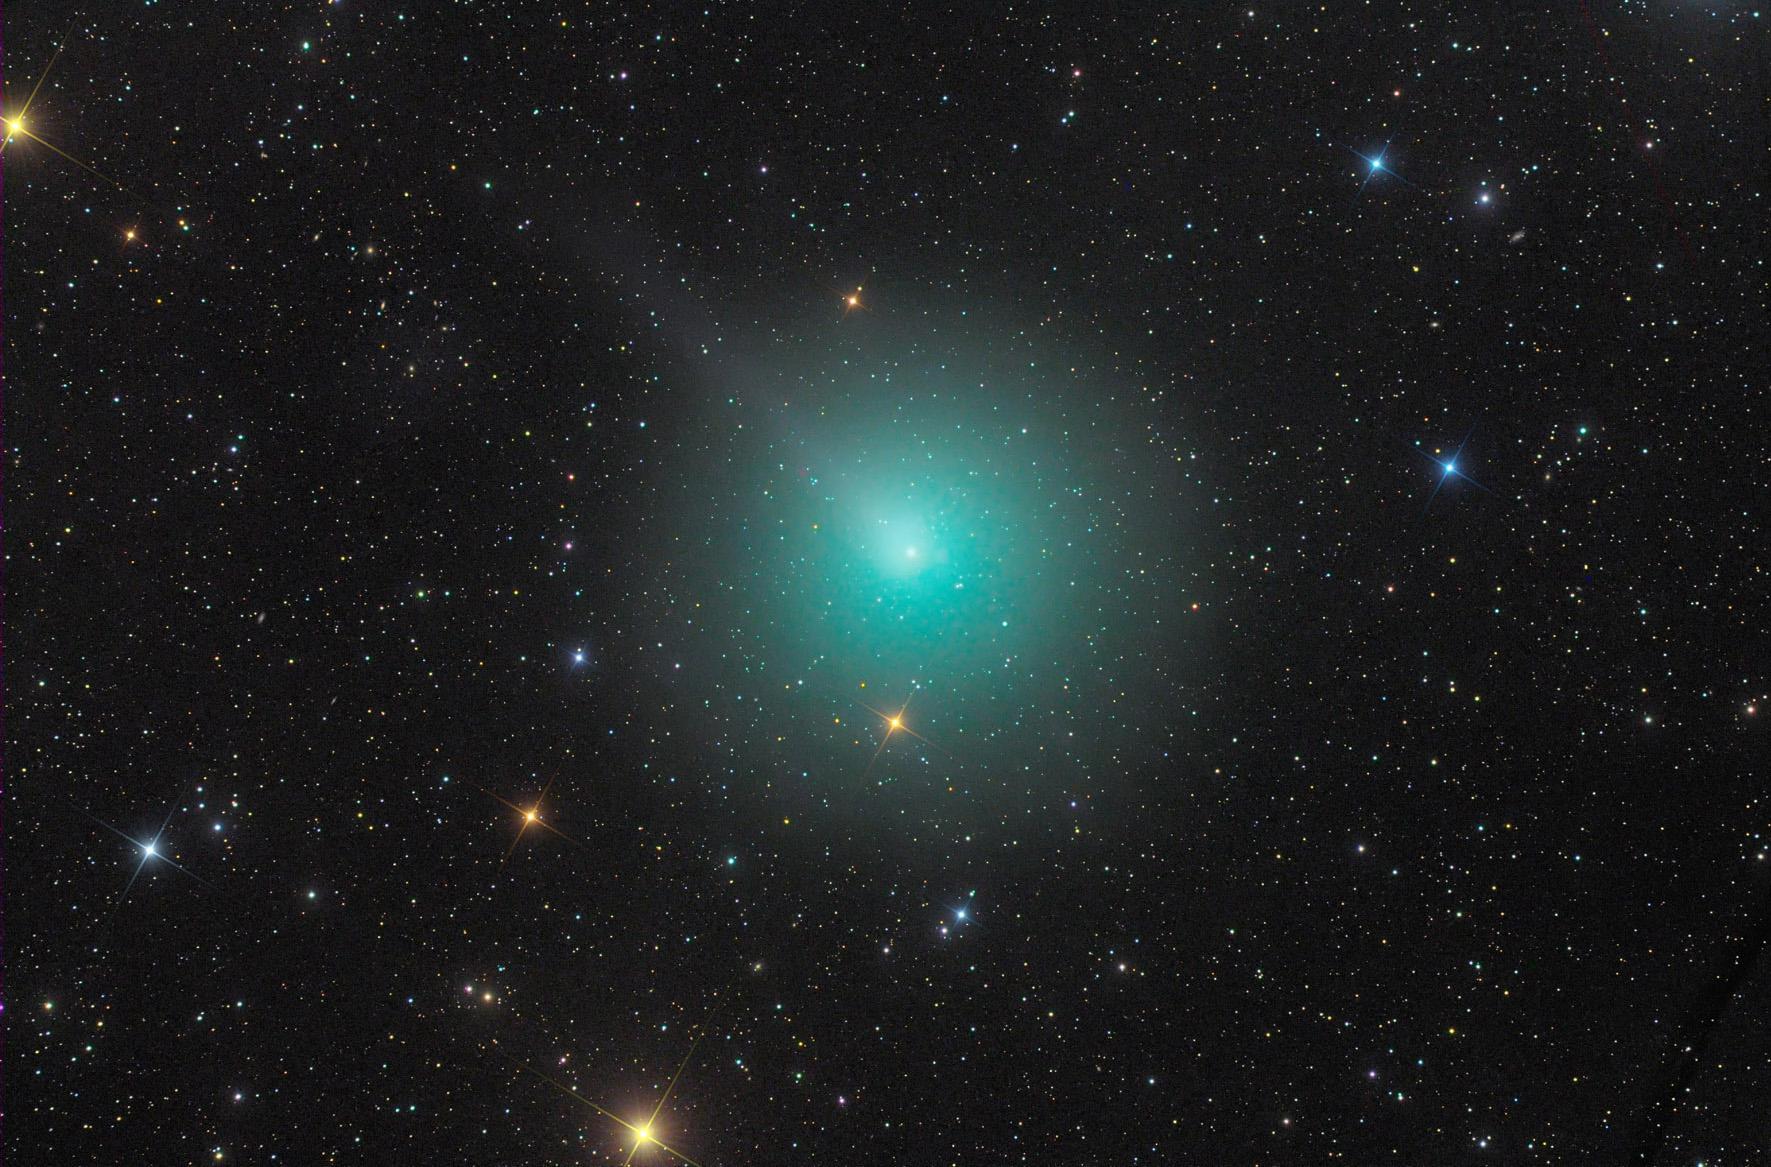 комета Виртанена 46/P на небе